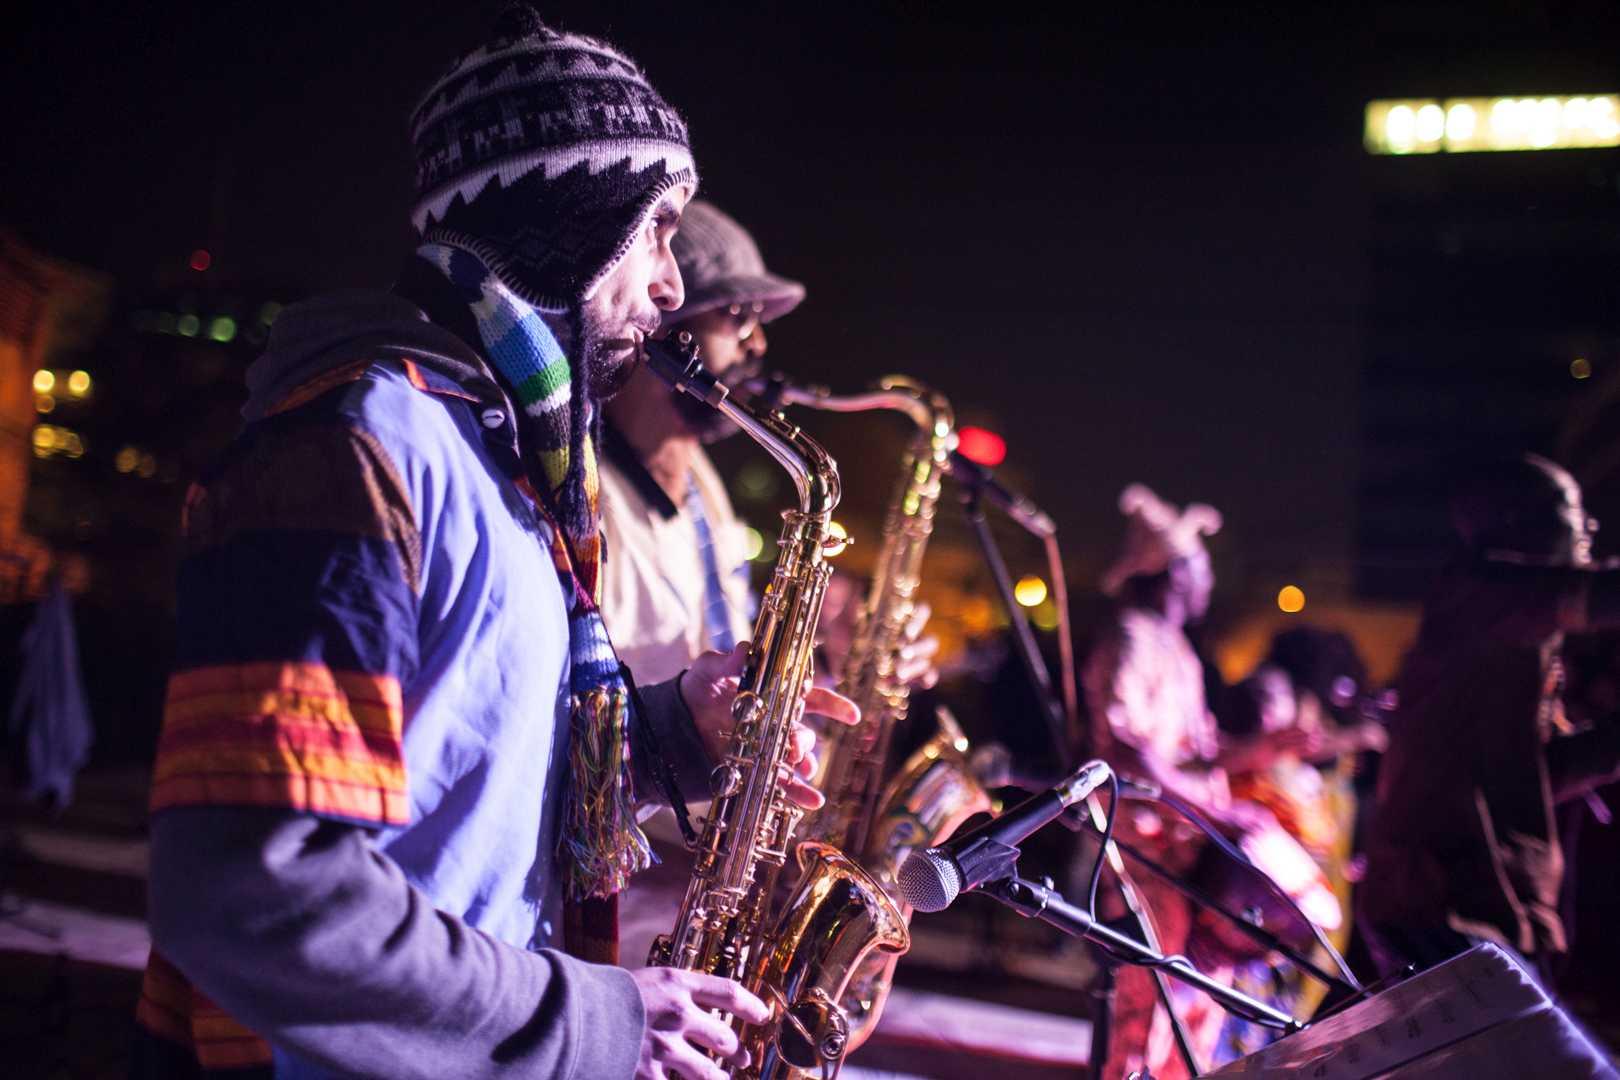 פסטיבל ״מנורת לילה״. צילום: עומר ביטס